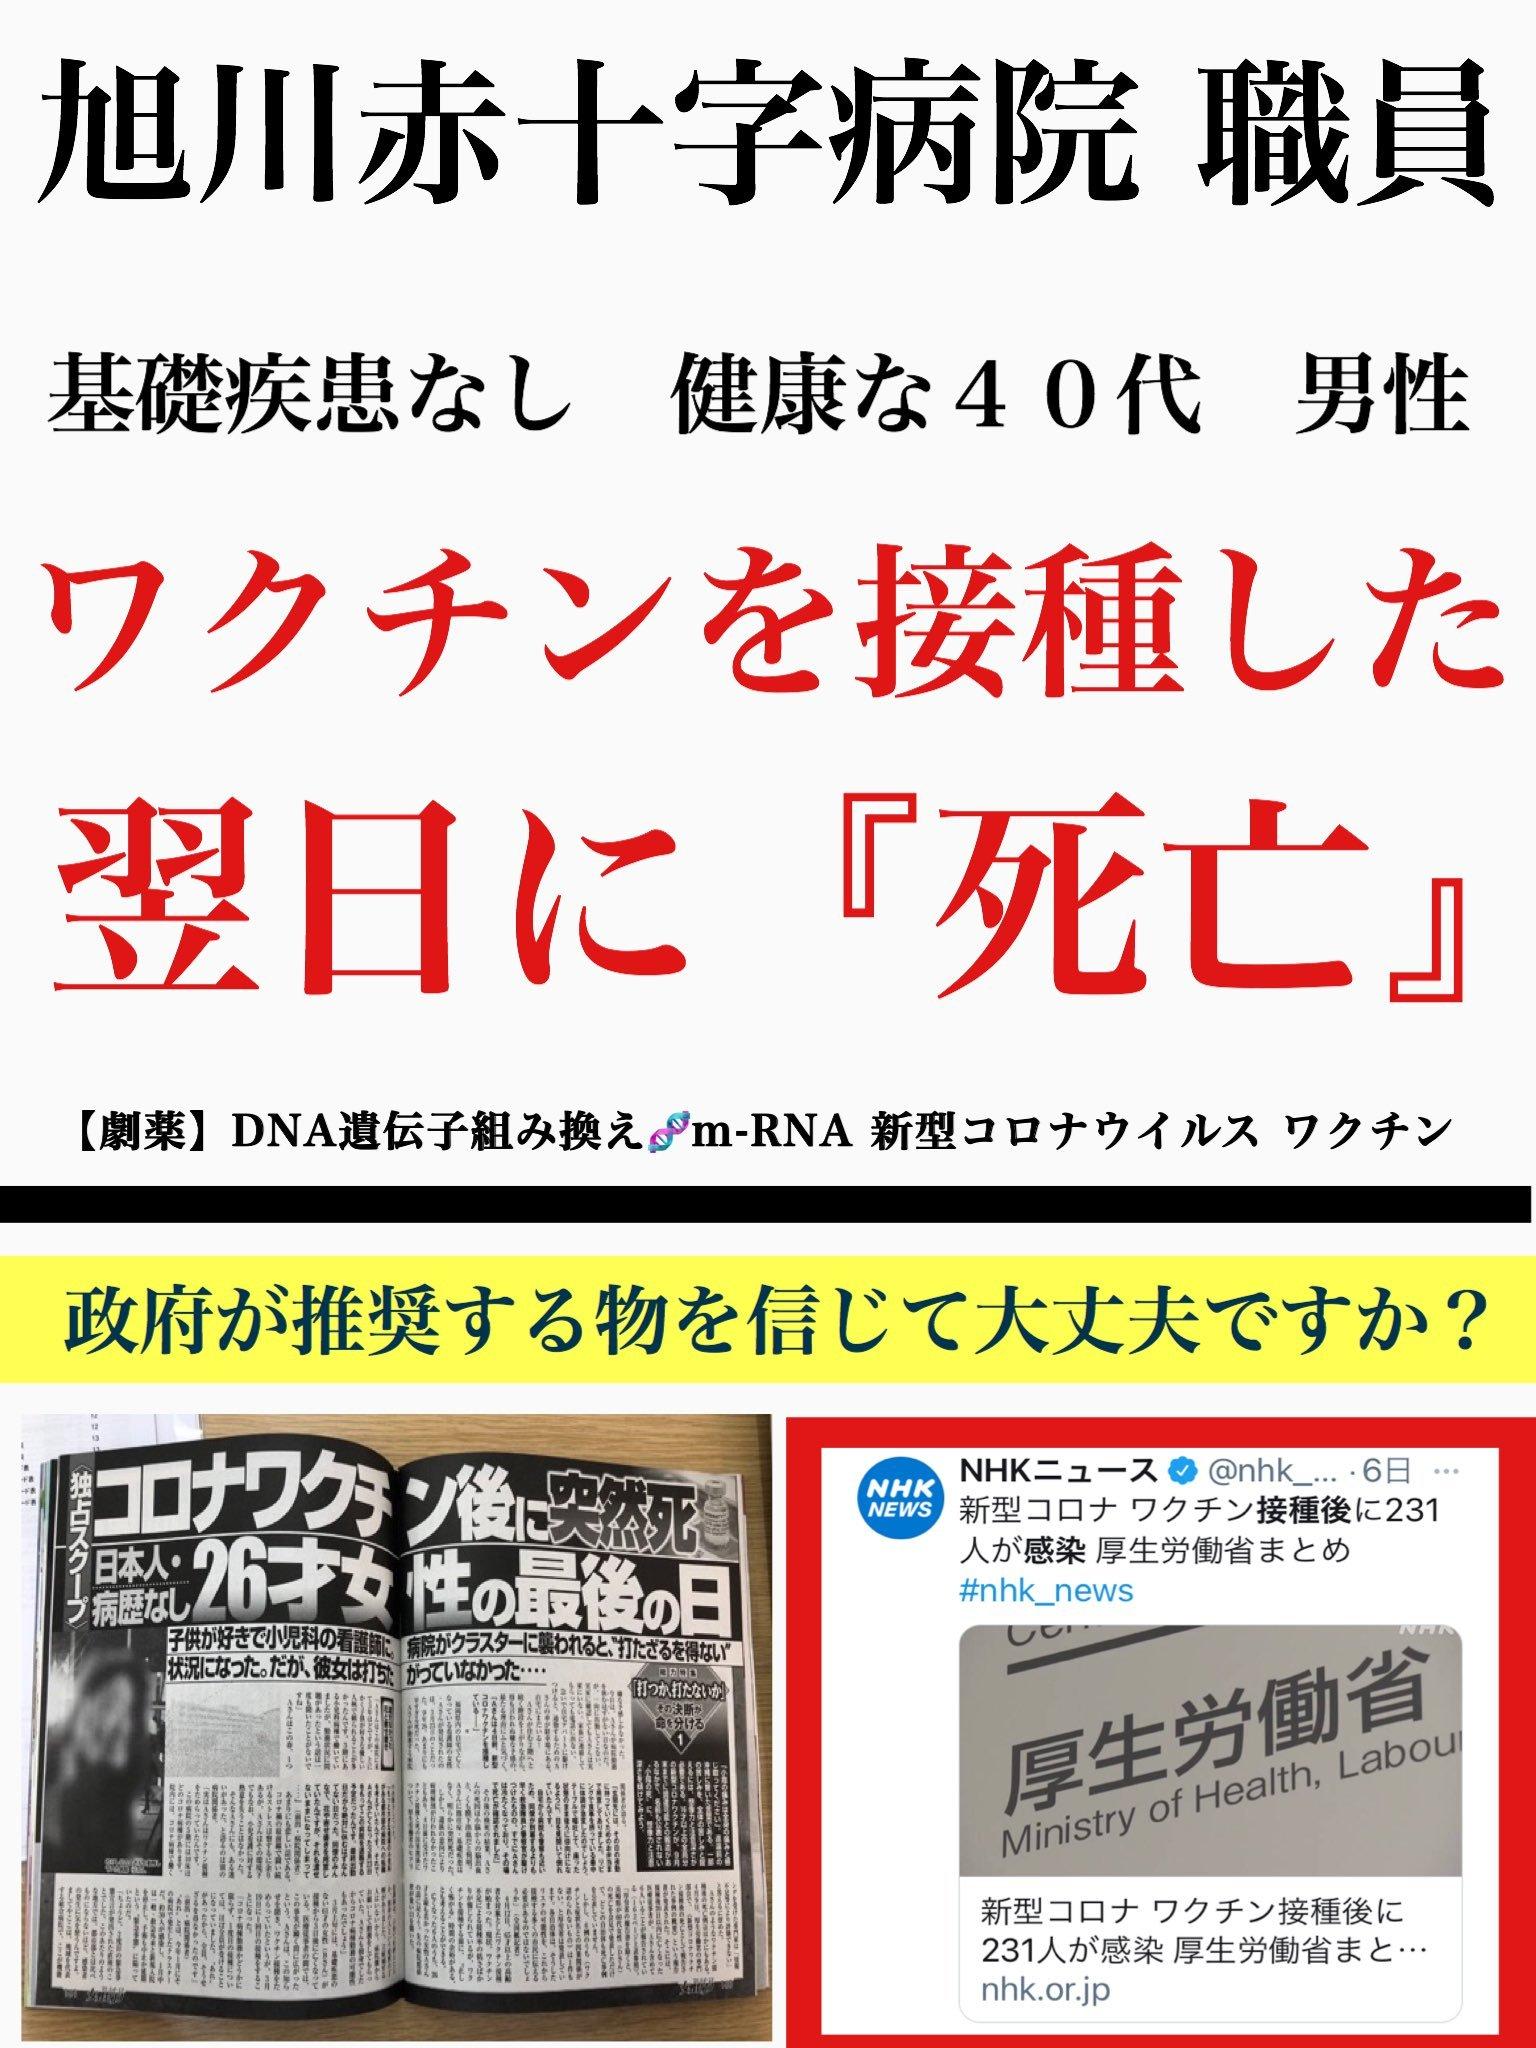 【超ド級:コロナ最新情報】日本での大量虐殺!WHOねつ造のパンデミック告発映画製作中!10年前アフリカで赤十字がワクチンを打って殺した「エボラの真相」!エボラやエイズ、ポリオもウイルスはなかった!_e0069900_15533418.jpg